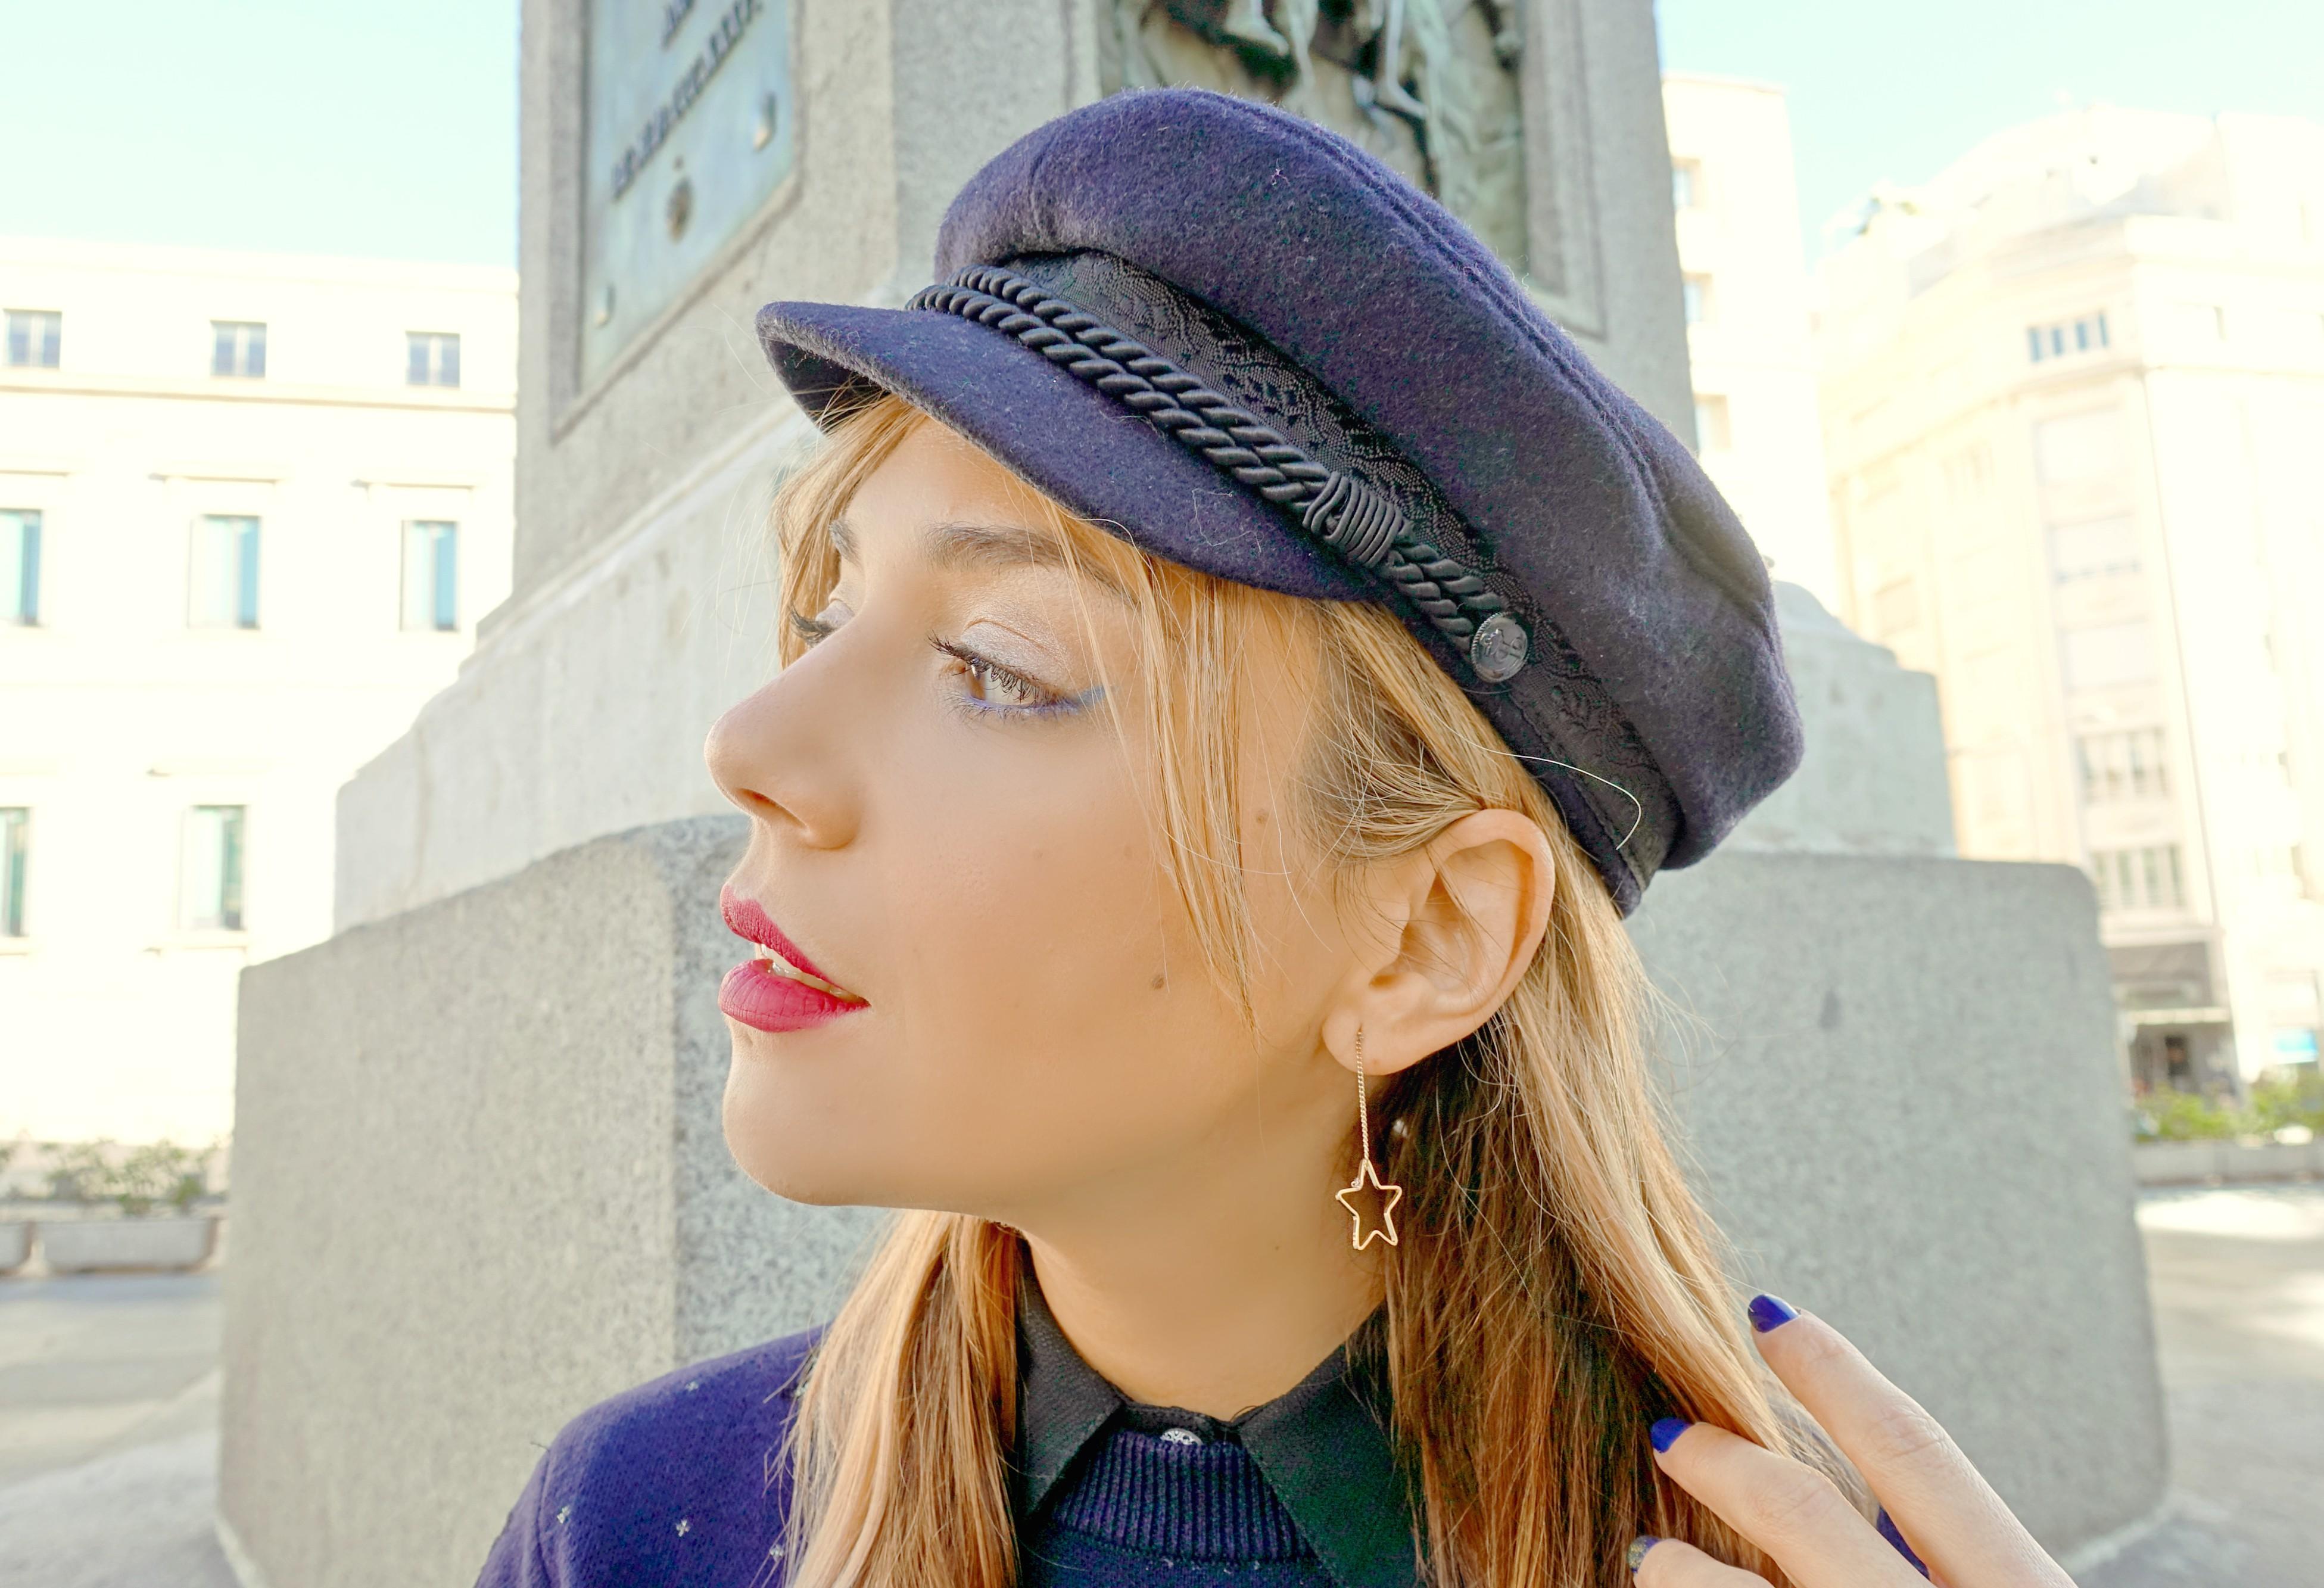 Pendientes-de-estrellas-bijou-brigitte-blog-de-moda-ChicAdicta-influencer-Madrid-Chic-Adicta-pretty-blogger-PiensaenChic-Piensa-en-Chic